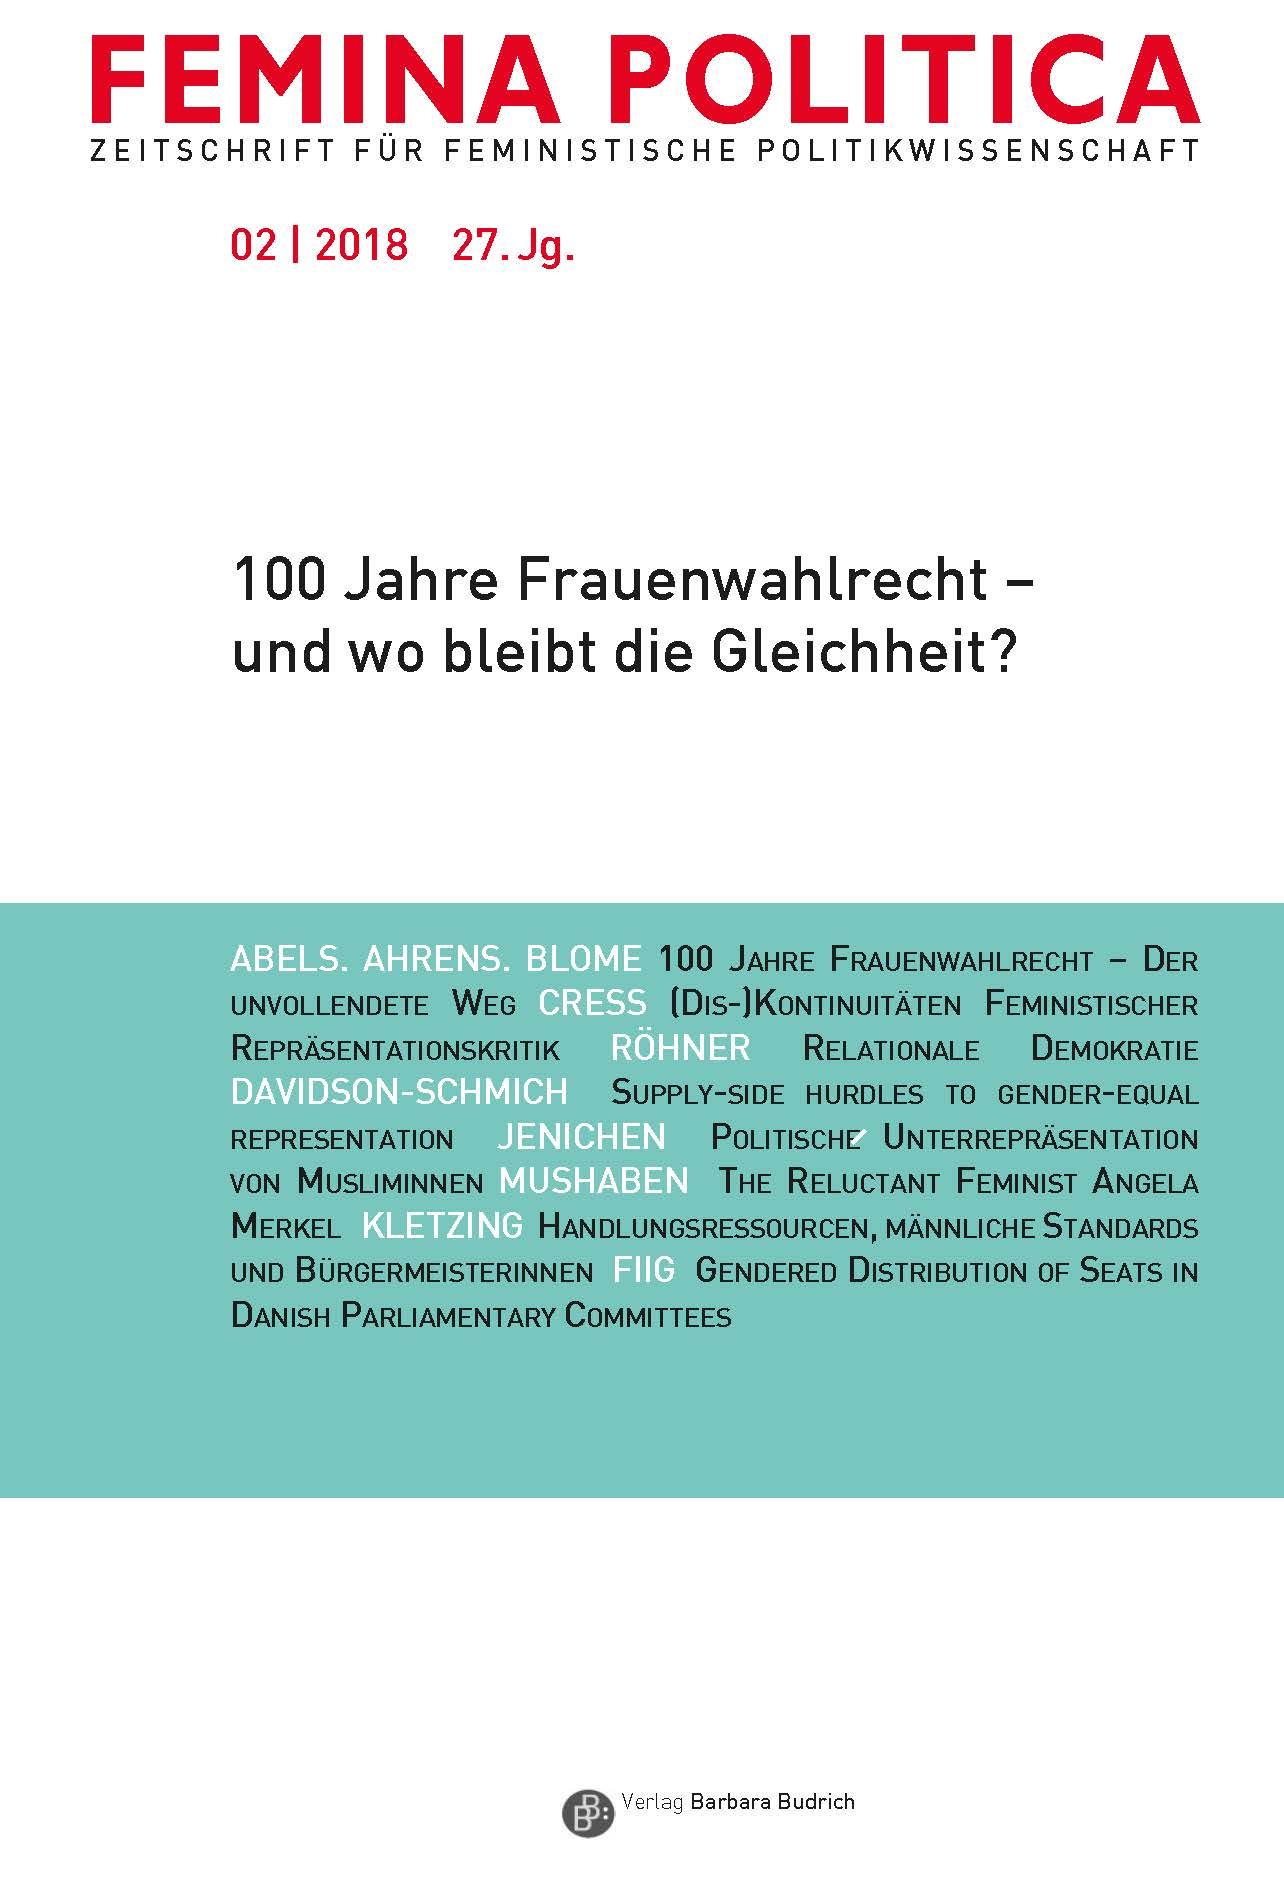 Femina Politica – Zeitschrift für feministische Politikwissenschaft 2-2018: 100 Jahre Frauenwahlrecht – und wo bleibt die Gleichheit?